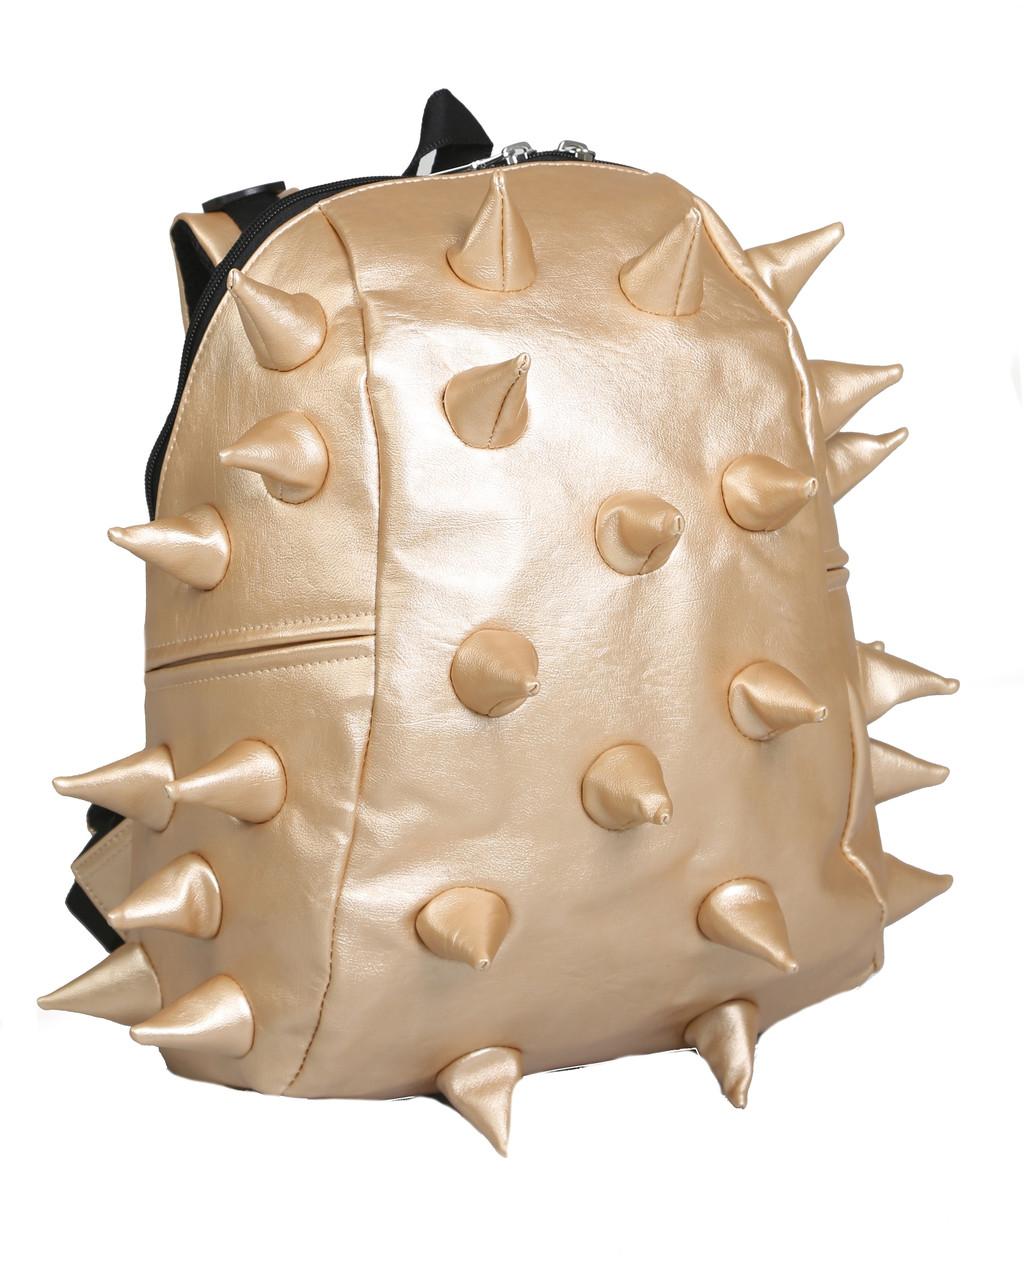 Рюкзак MadPax Rex Half цвет JACKPOT (золотой)